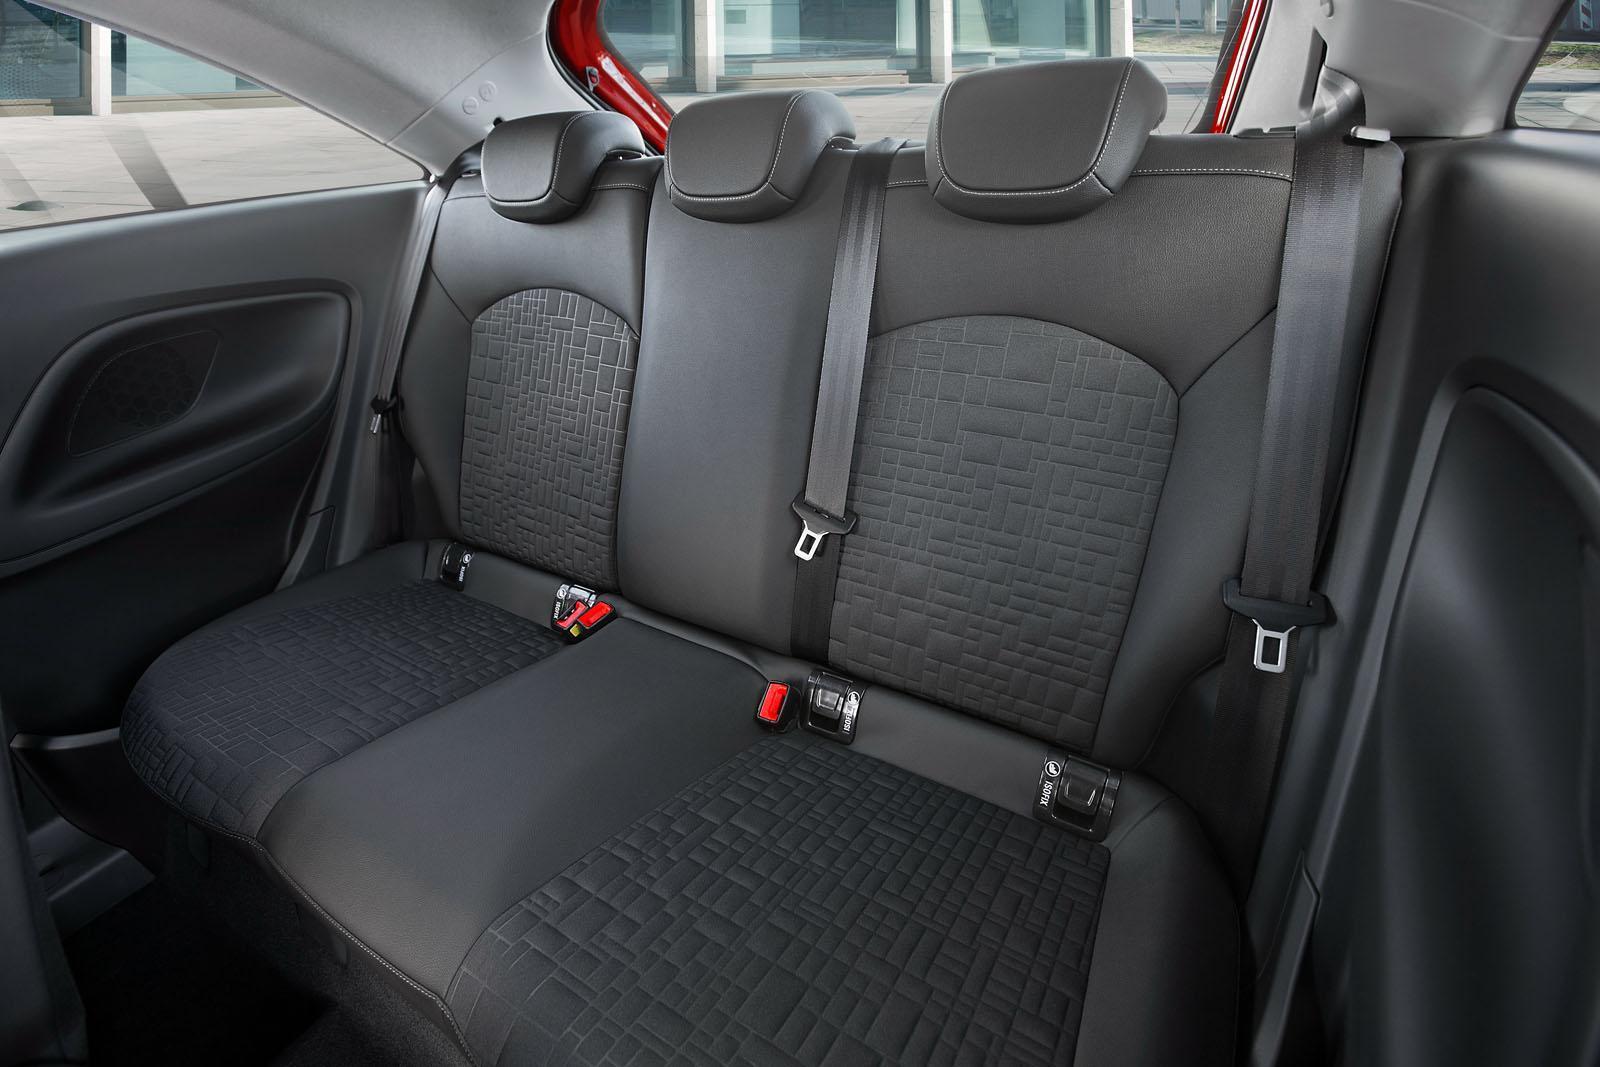 Opel Corsa 1 4 Turbo De 150 Cv Justo Y Necesario